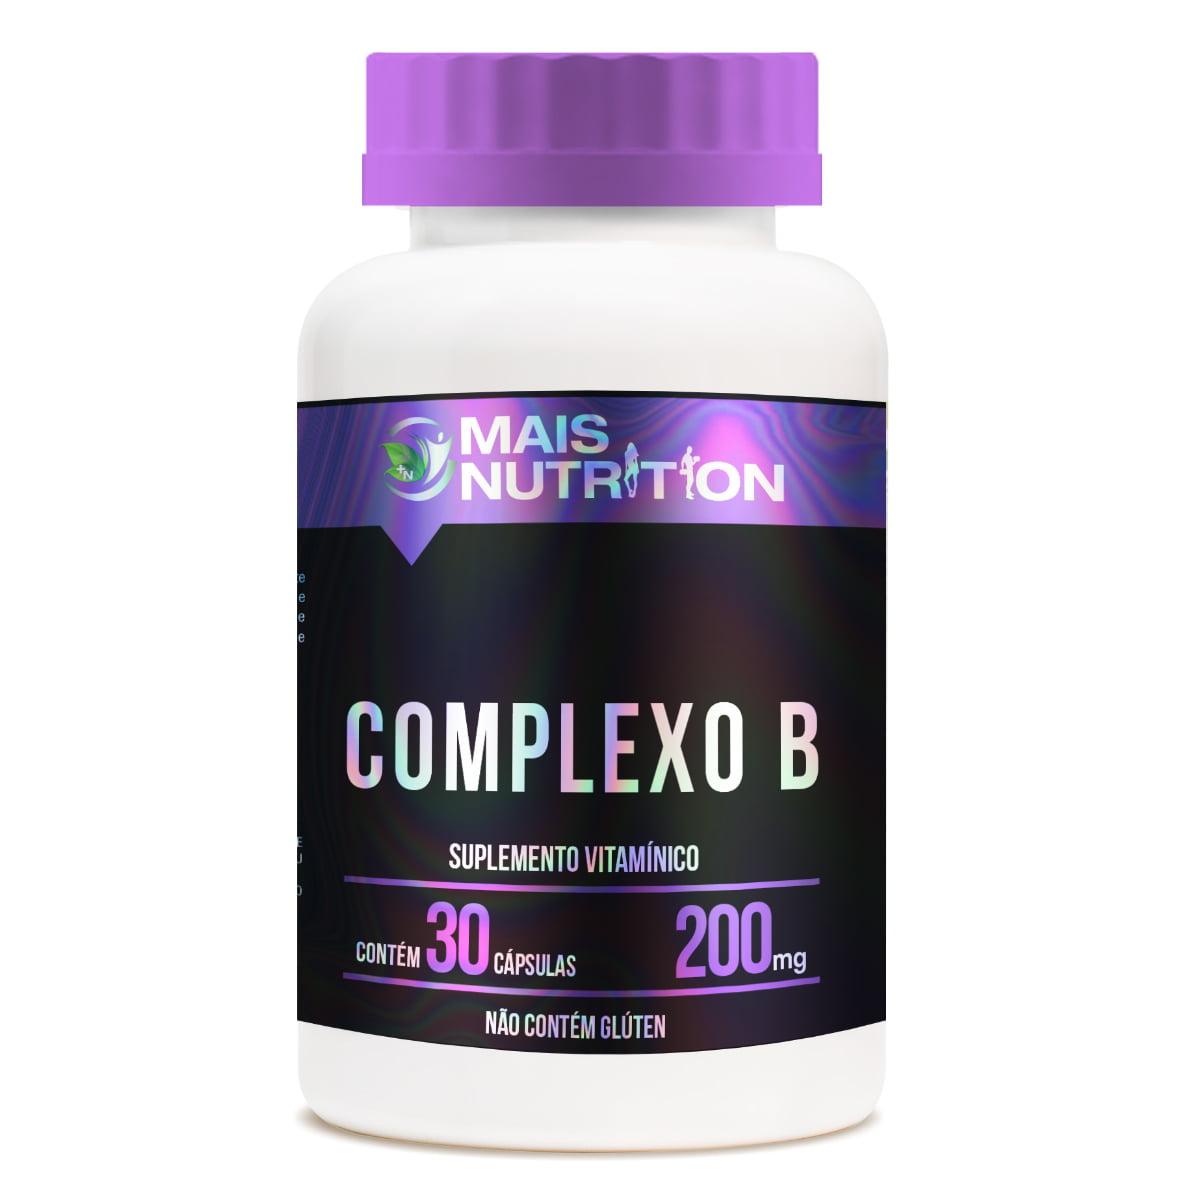 Complexo B 200mg 30 capsulas Mais Nutrition